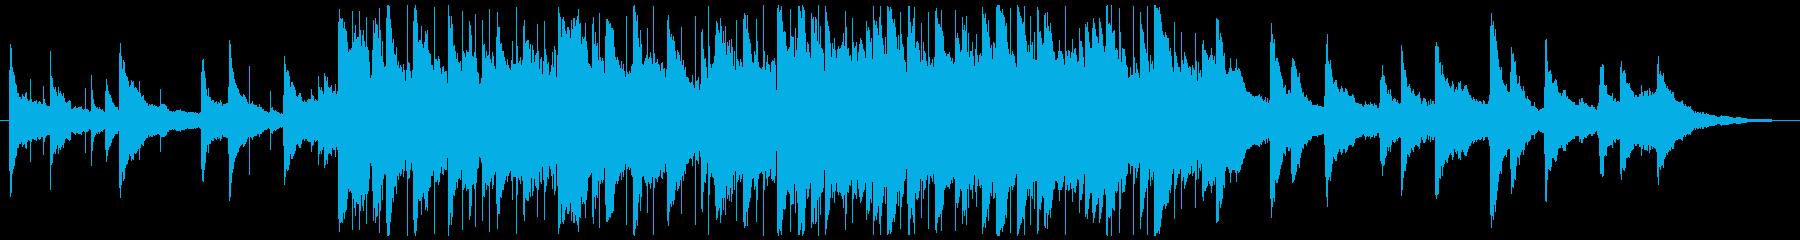 ポジティブで優しいピアノ演奏の再生済みの波形